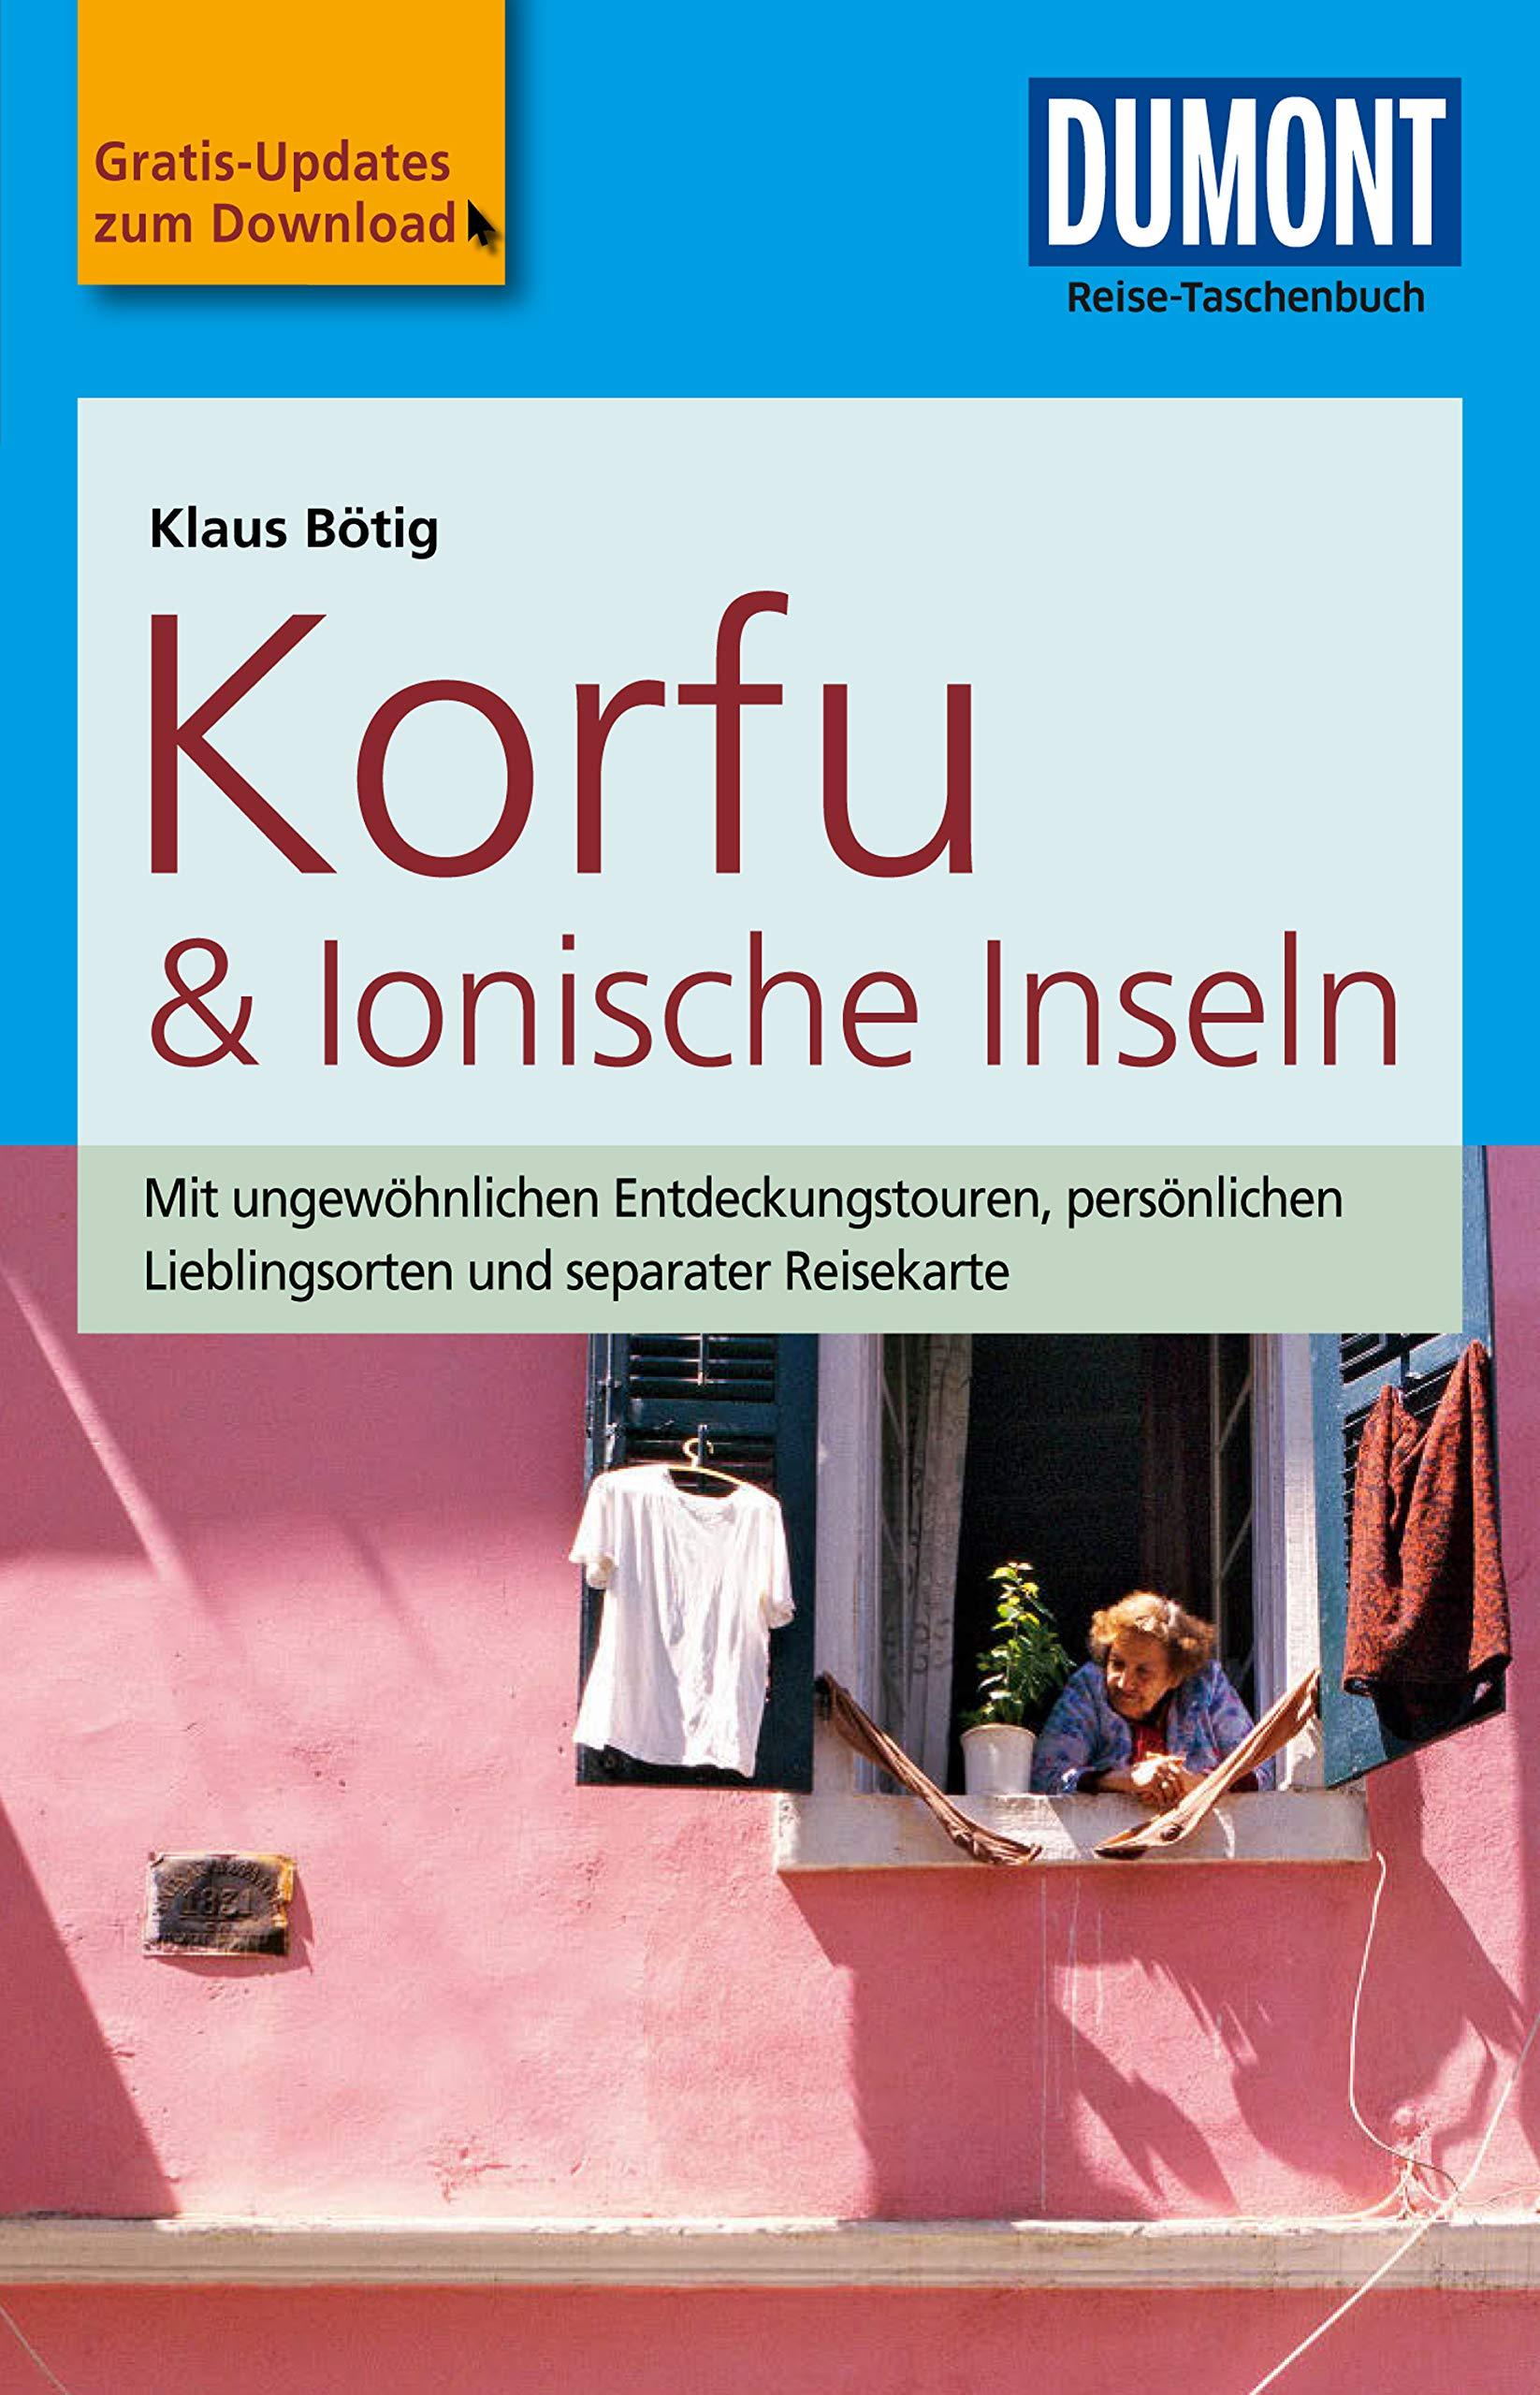 DuMont Reise-Taschenbuch Reiseführer Korfu & Ionische Inseln: mit Online-Updates als Gratis-Download (DuMont Reise-Taschenbuch E-Book)